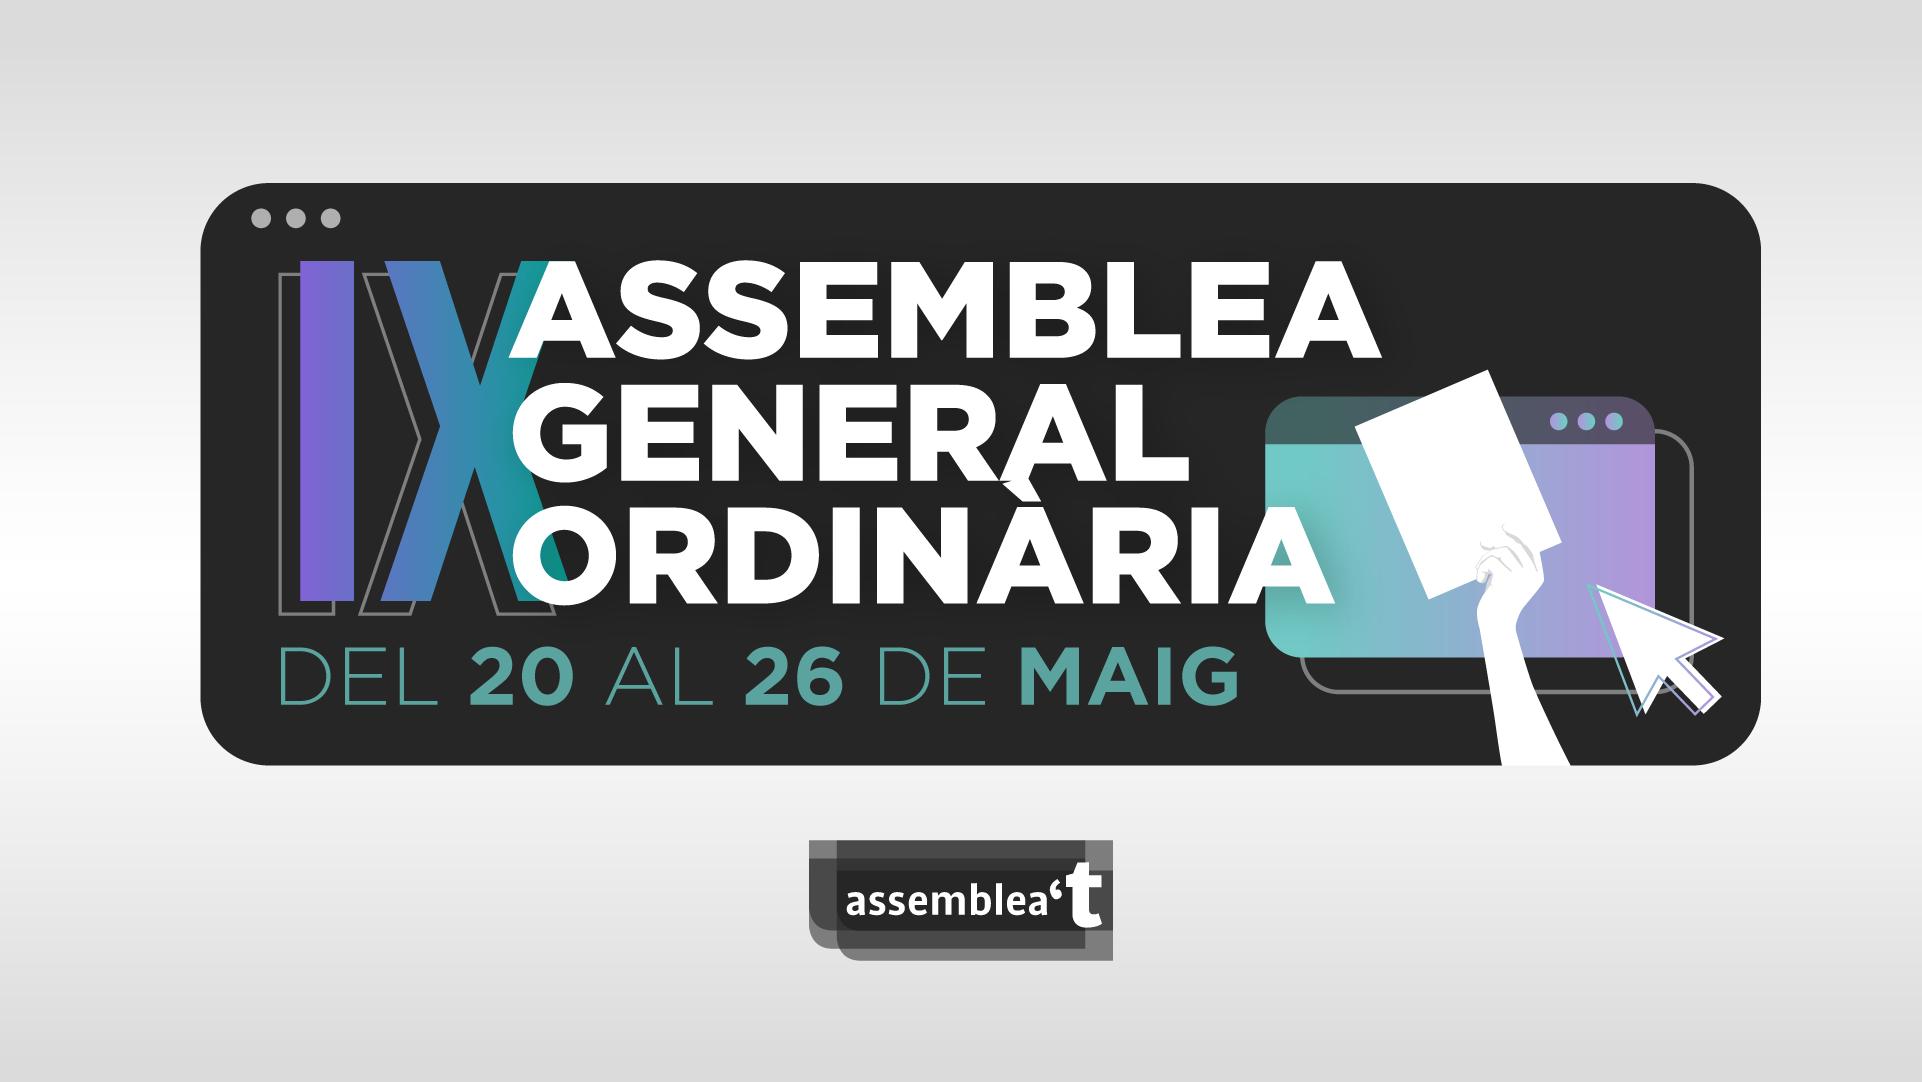 IX Assemblea General Ordinària